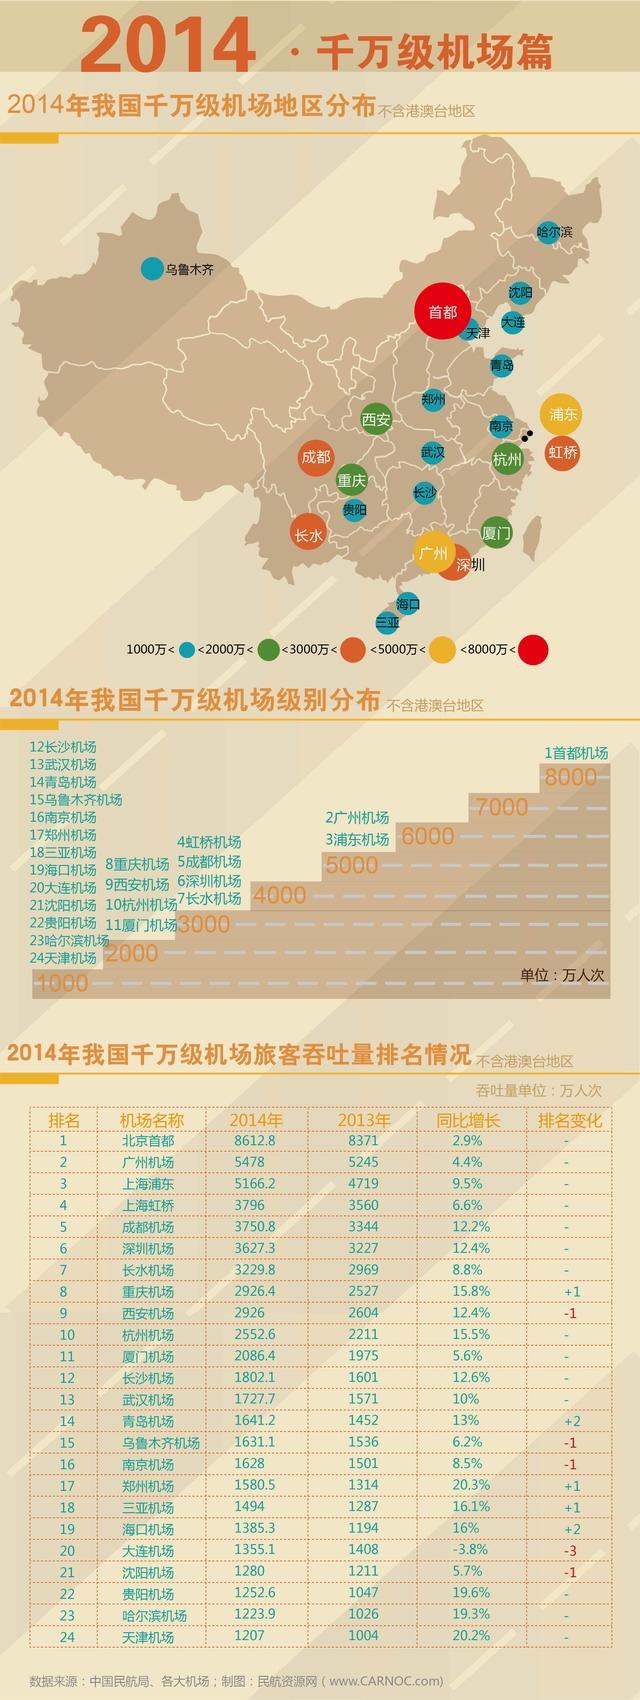 年终盘点:2014年全国千万机场旅客运输统计